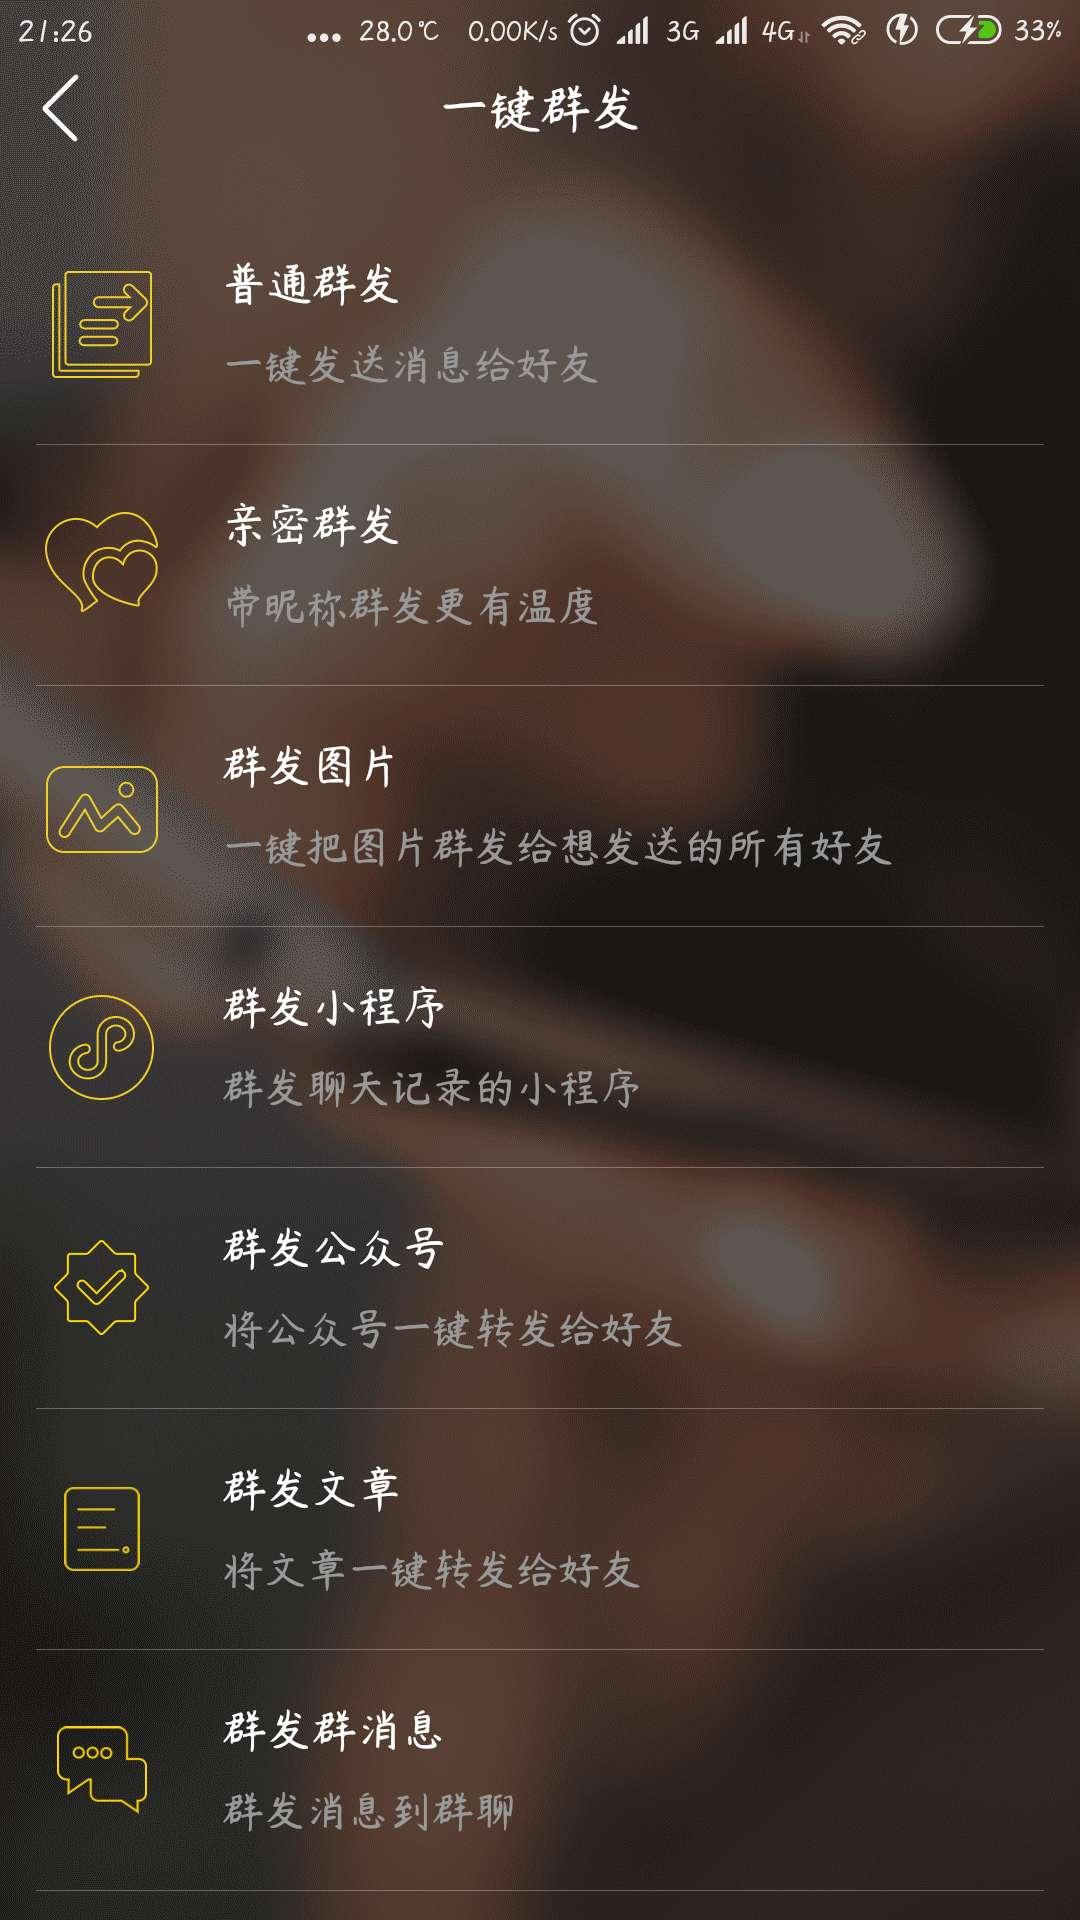 【分享】微友人脉_1.2.9_破姐会员免登录完美直装-爱小助